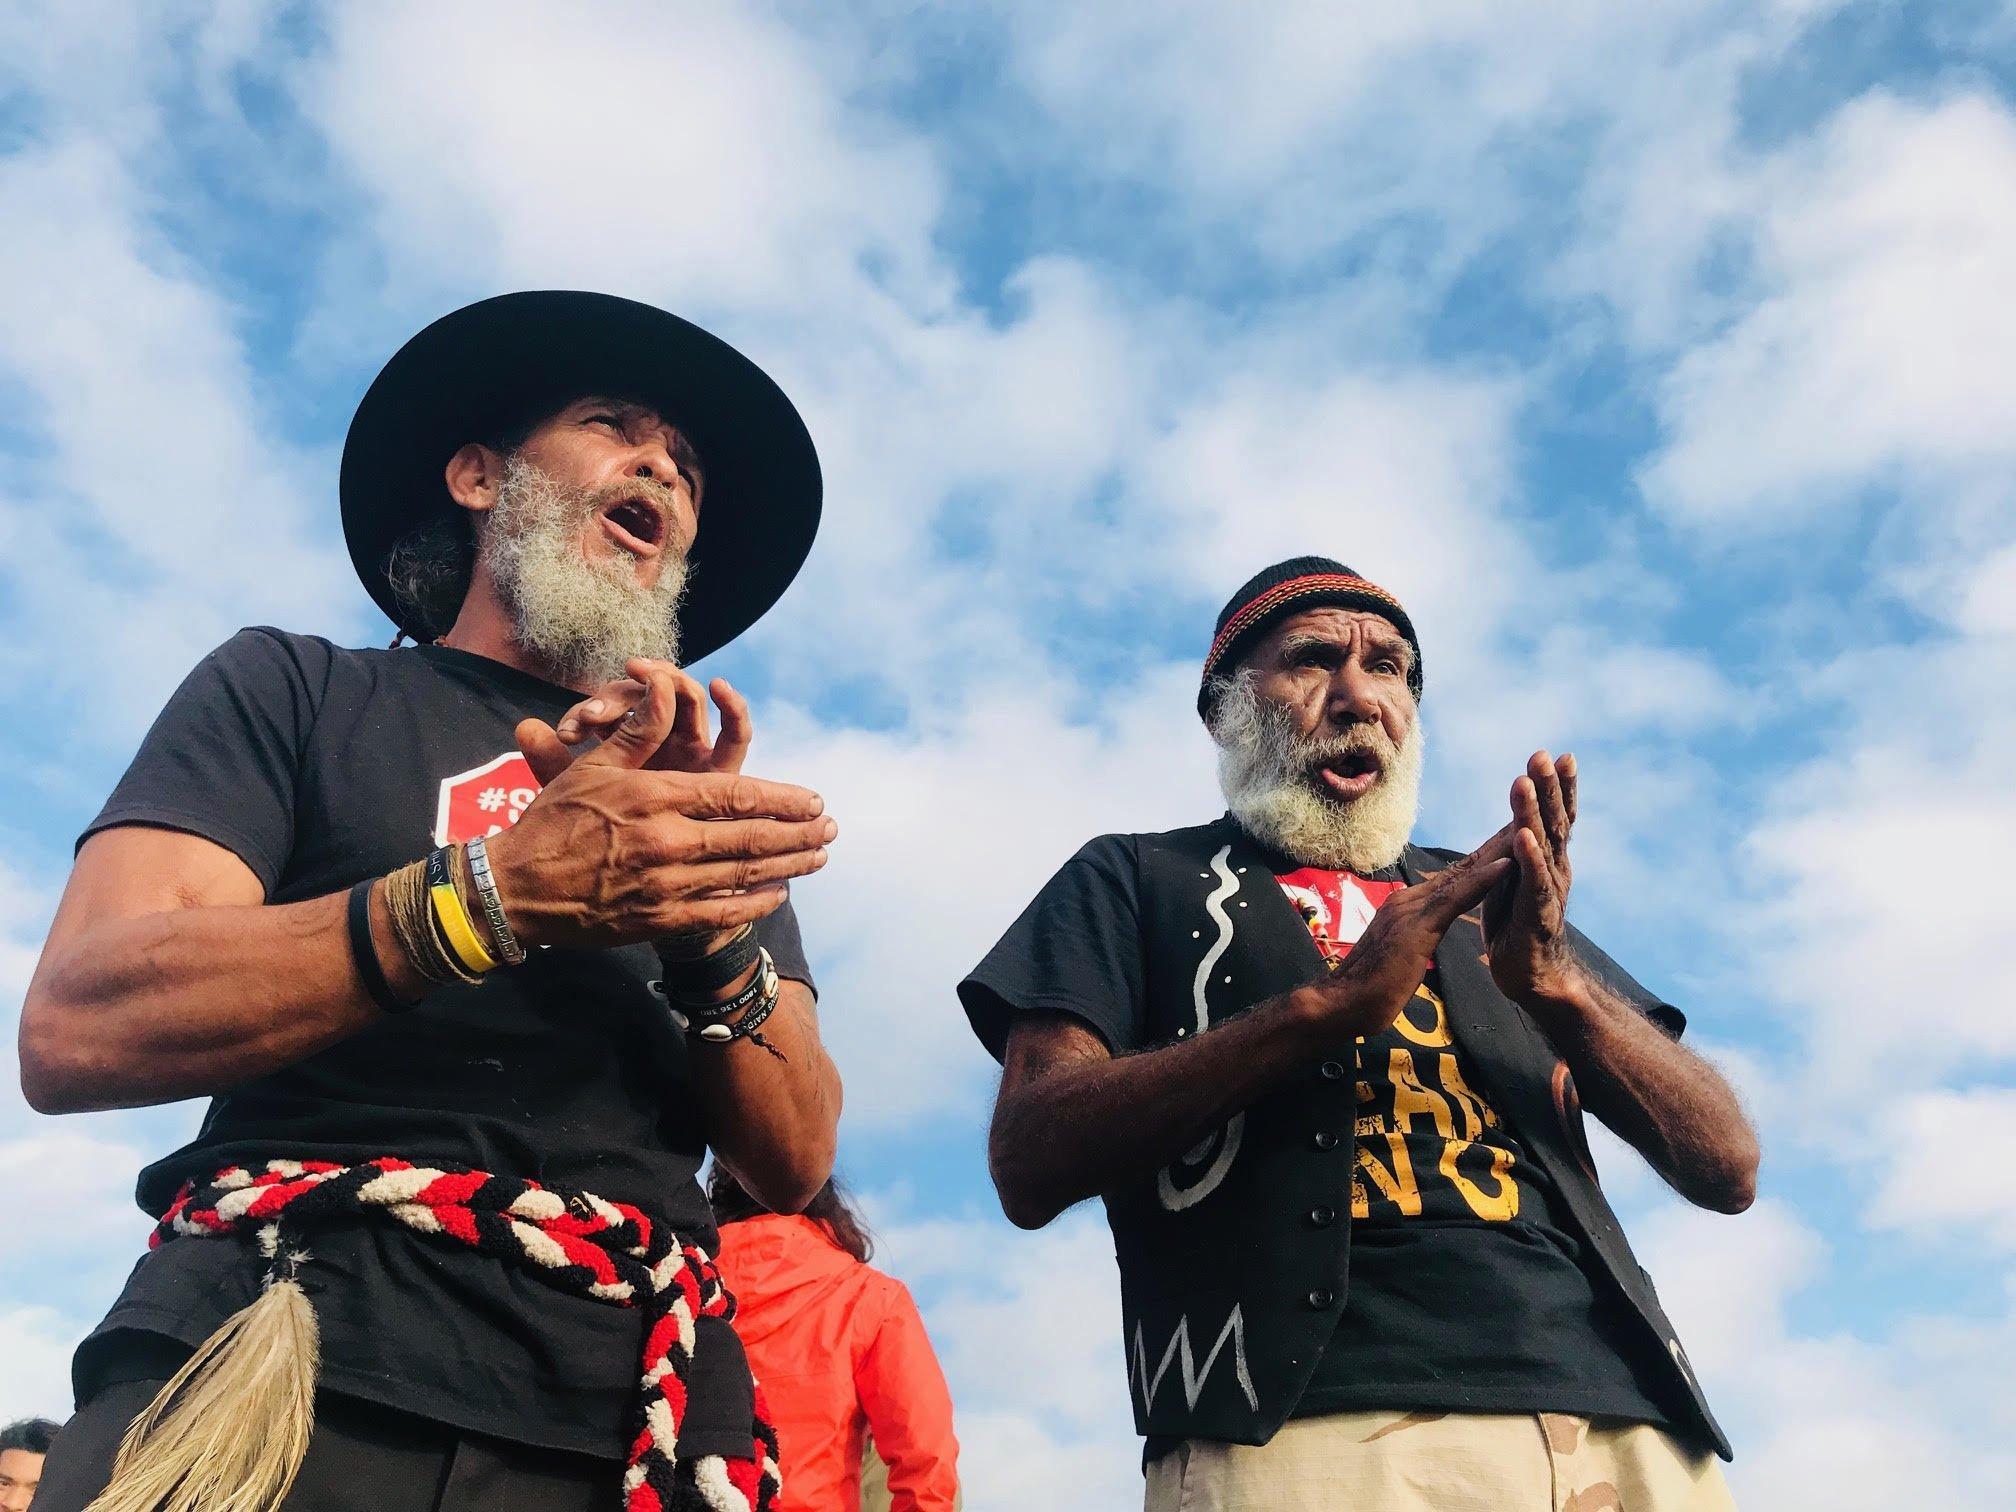 Zwei Männer, aufgenommen von schräg unten vor einem blauen, leicht bewölkten Himmel, klatschen in die Hände. Ihre Münder sind geöffnet so als ob sie singen. – Um zu verhindern, dass eine Kohlenmine ihre traditionellen Länder zerstört, und damit ihre Identität angreift, blockieren diese australischen Ureinwohner einer Eisenbahn-Linie.